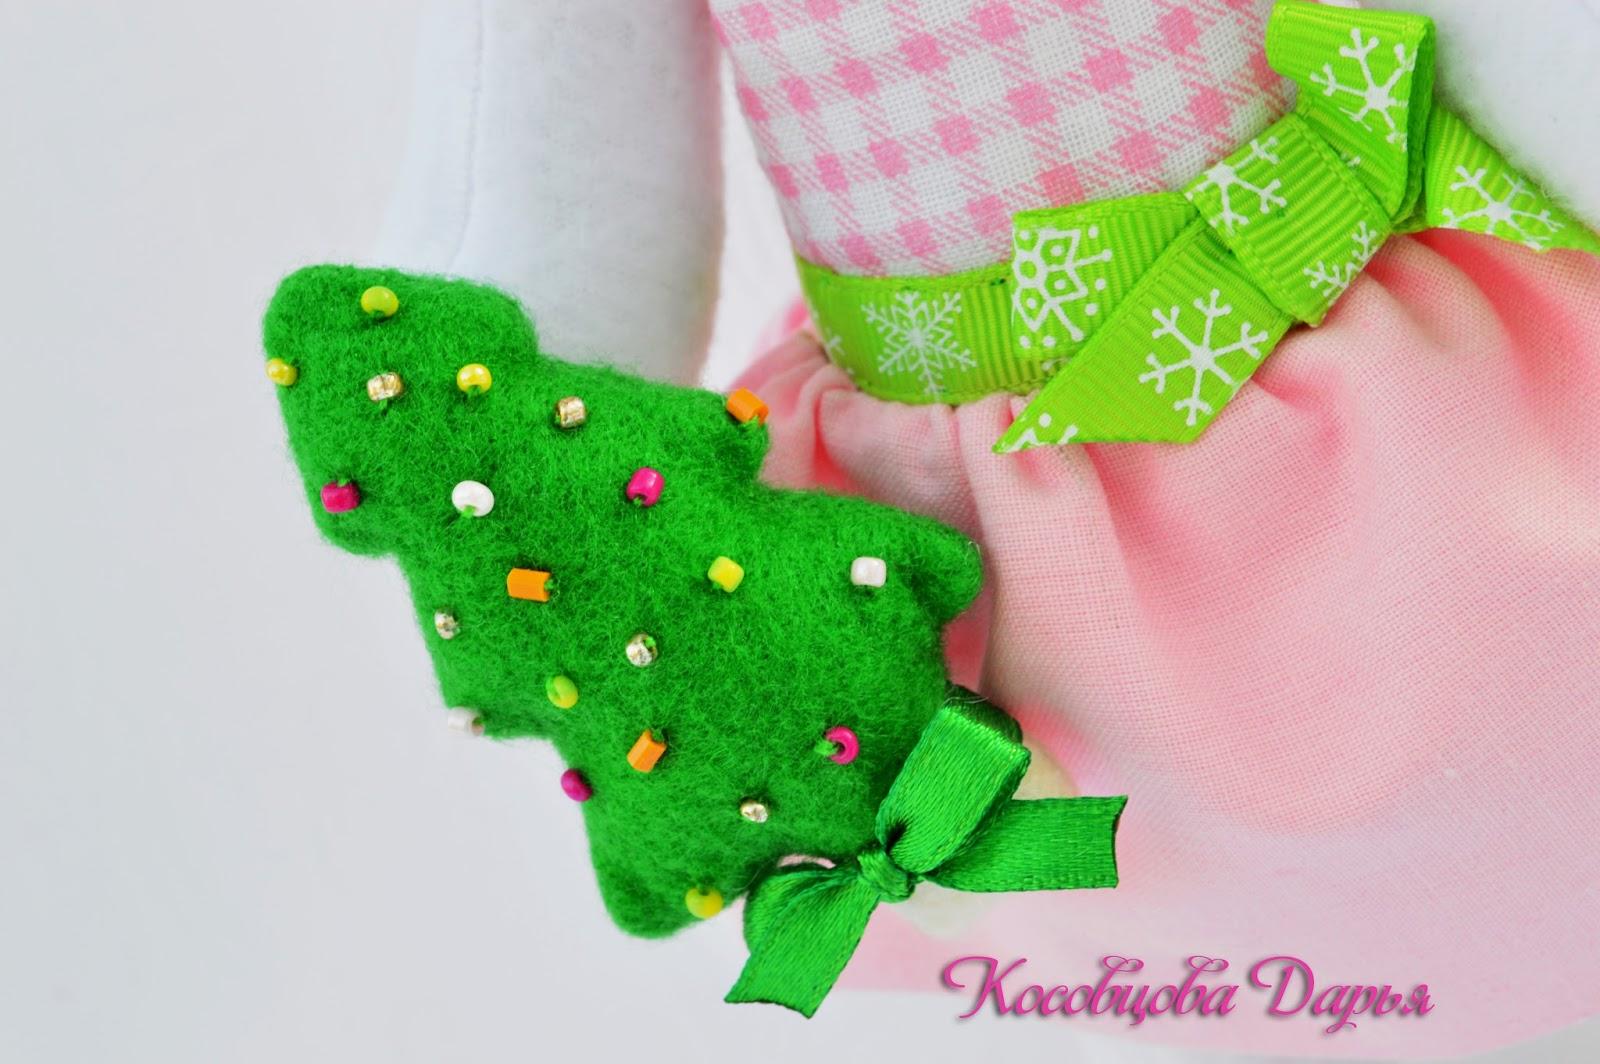 игрушки купить киев, ручная работа Киев, авторские зайцы, слоник Тильда, слон tilda, подарок на день рождения, заяц ручной работы, игрушка заяц ручной работы, Hand-made игрушки киев. Tilda, ручная работа, игрушки Киев, подарки на день рождения, подарок на свадьбу, подарок для детей hand-made , игрушка для ребенка заяц, украинские игрушки для детей.